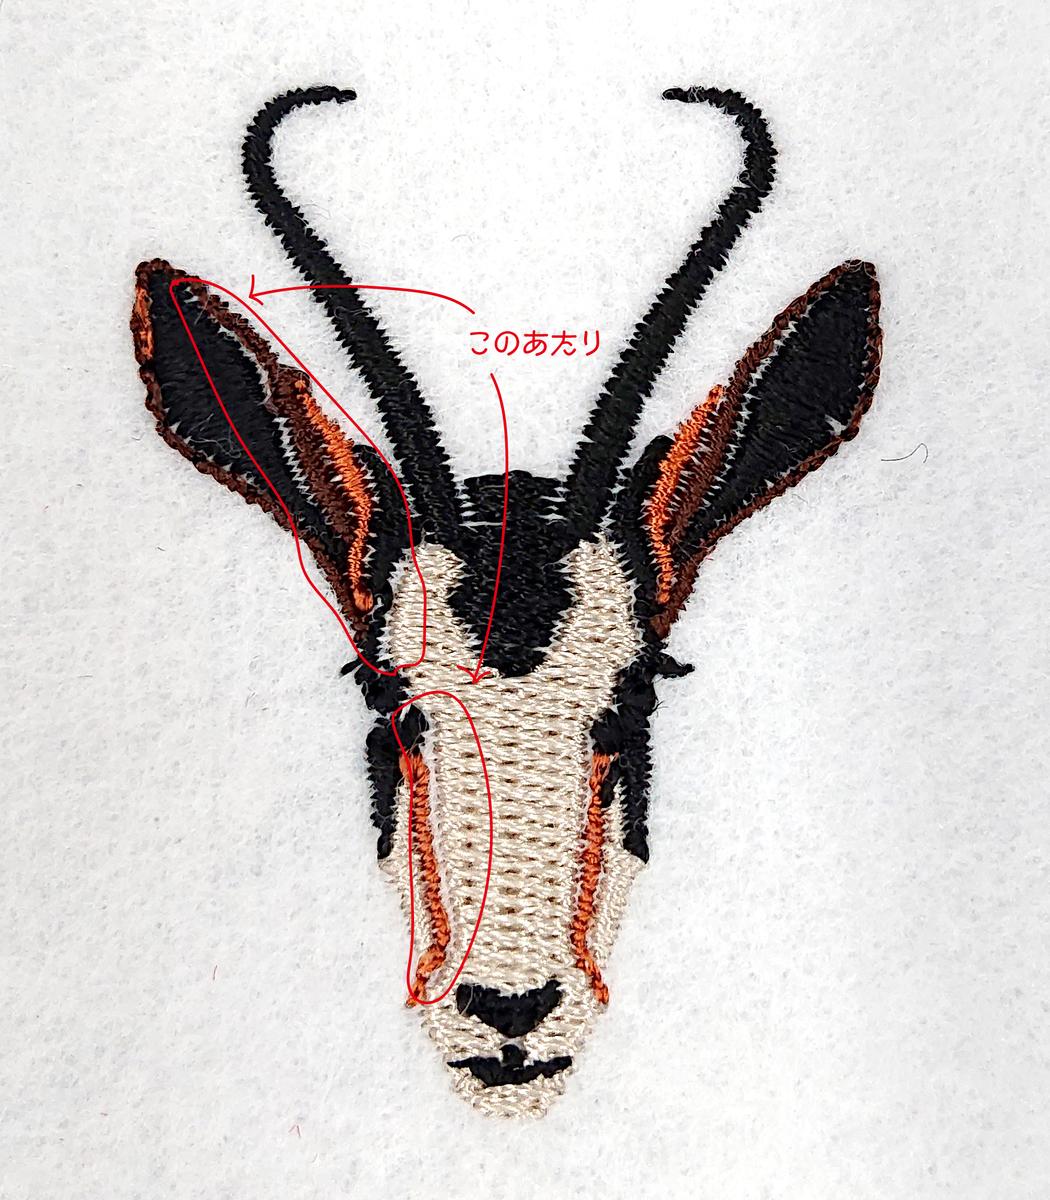 f:id:embroideryplay:20191017132429j:plain